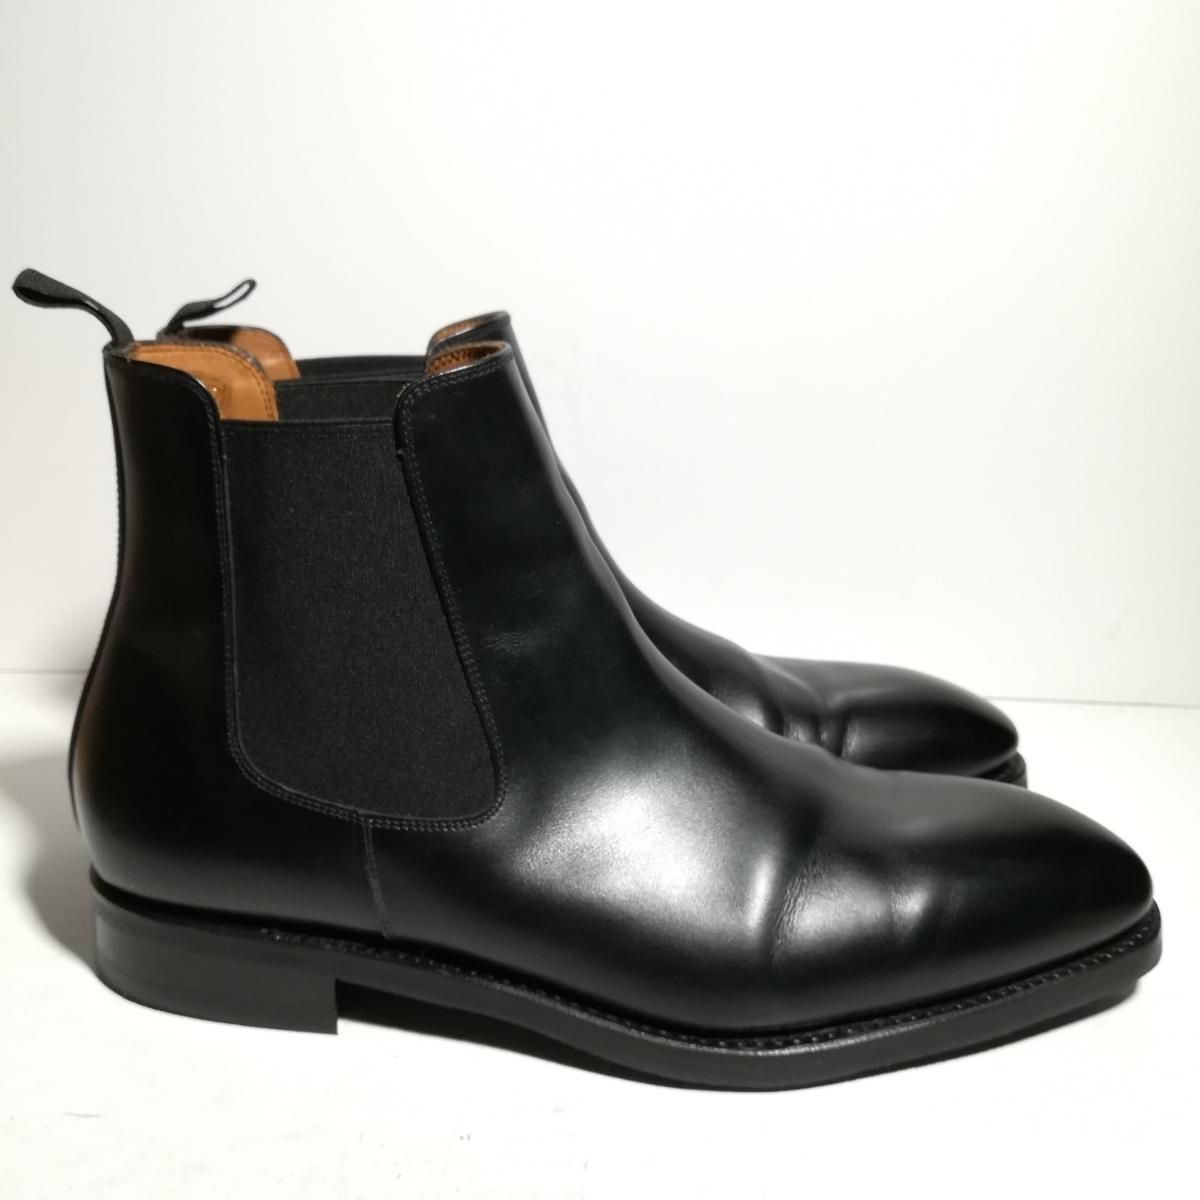 560 新品同様 ★ヤンコ YANKO★ サイドゴアブーツ 9 1/2 28.0cm 黒 ドレスシューズ 革靴_画像2